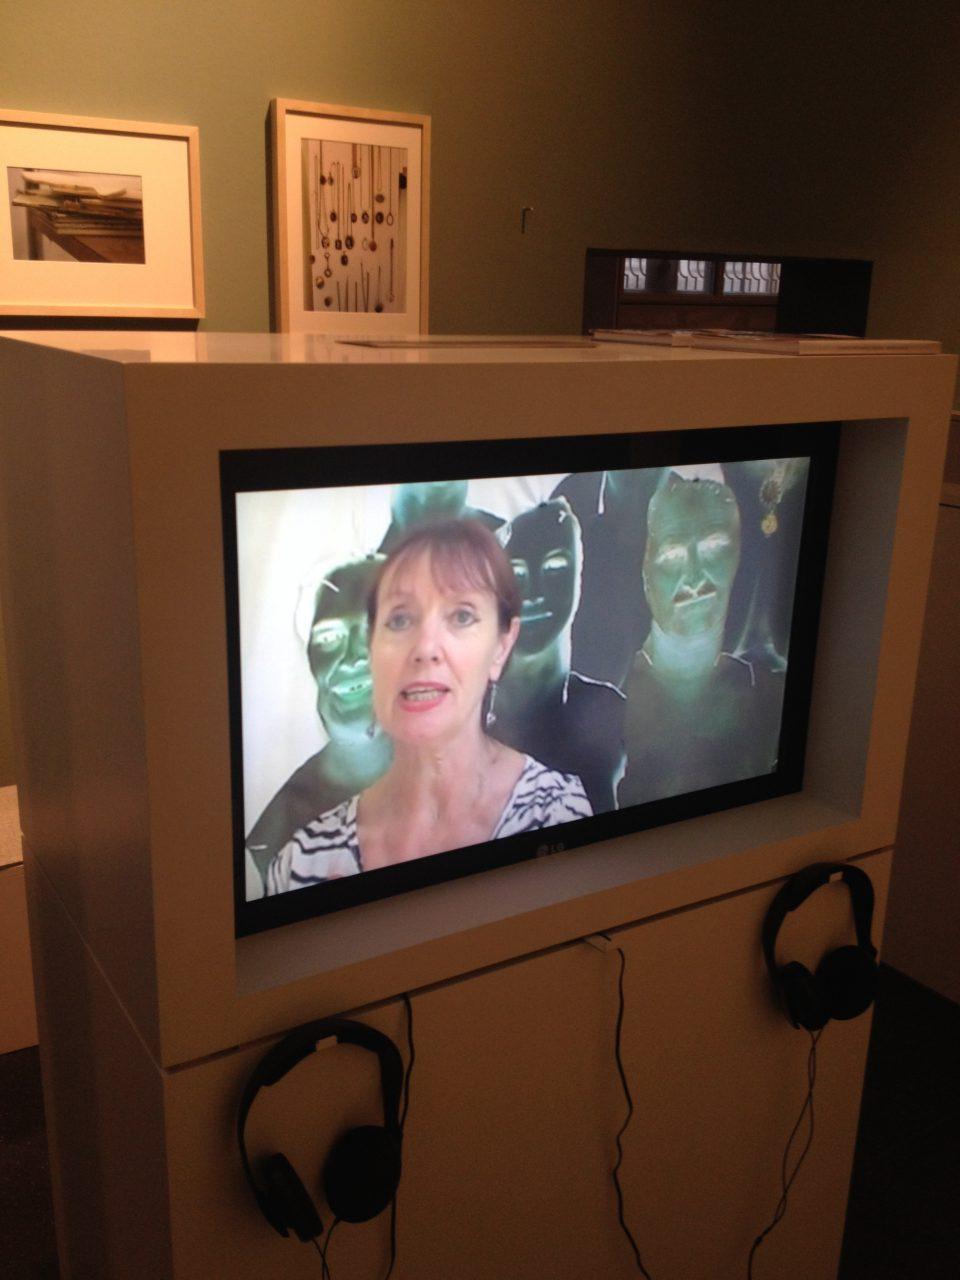 Installation Kunsthalle Mannheim, Video Zwischen Existenz und Exzellenz, Detail Annegret Soltau (Foto: Andrea Esswein)